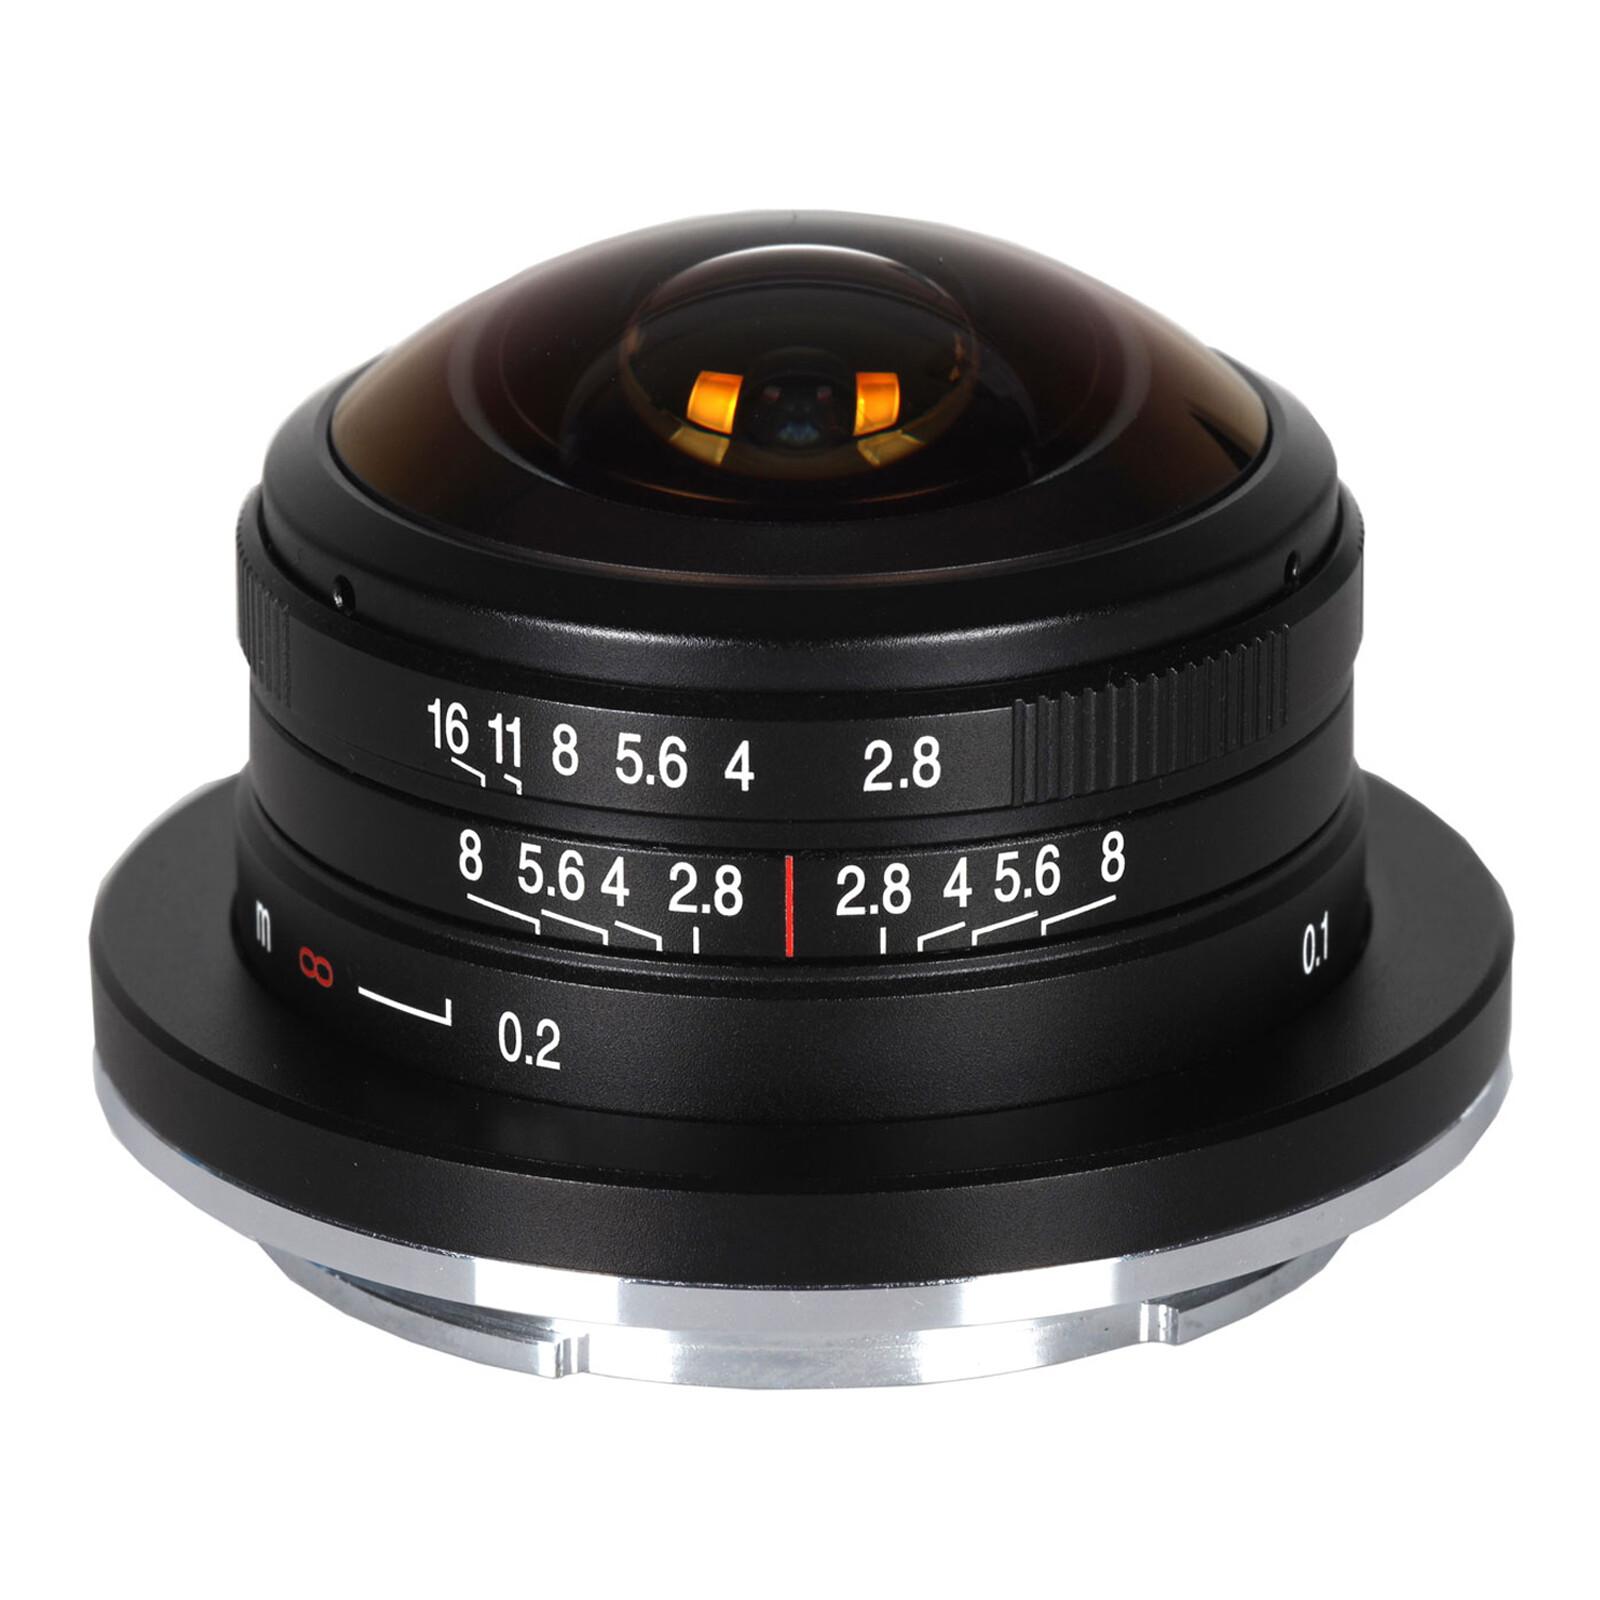 LAOWA 4/2,8 Circular Fisheye Canon EF-M